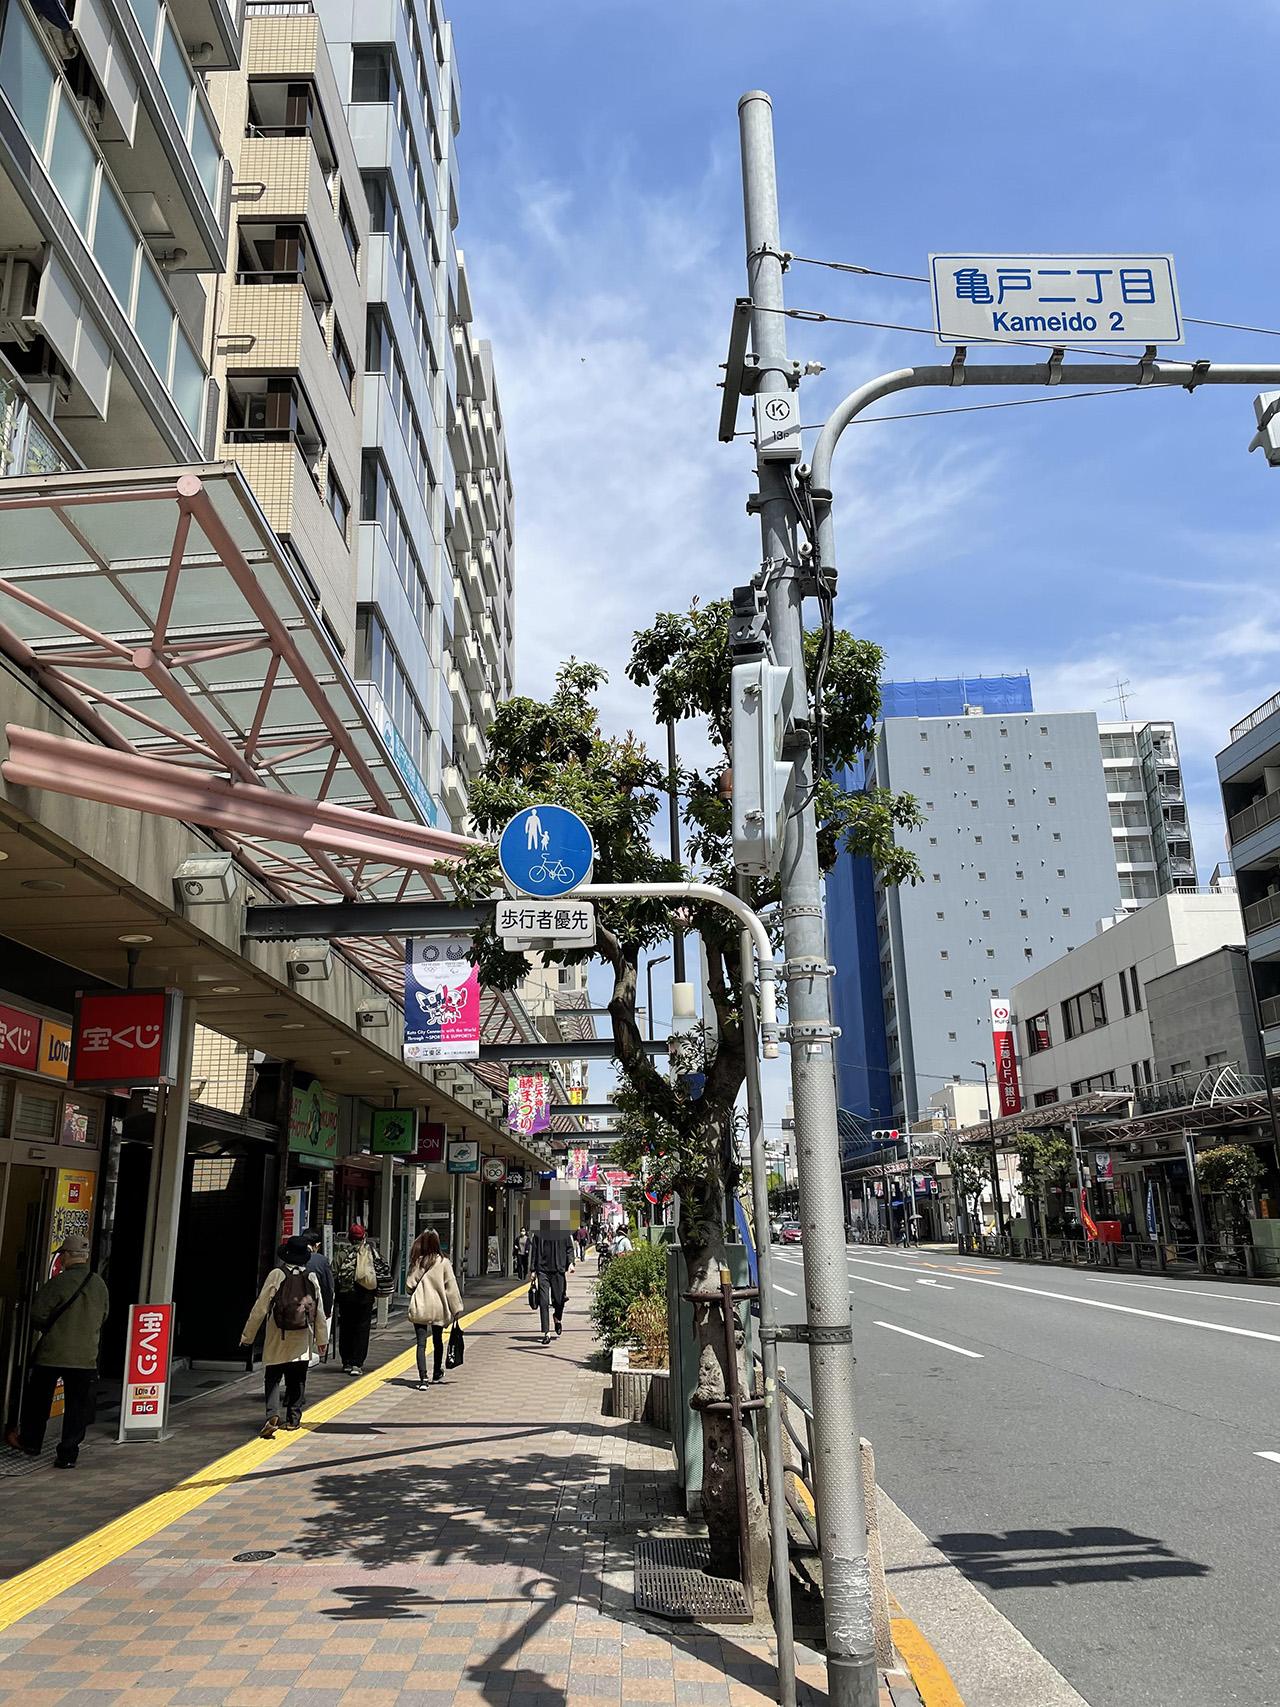 亀戸二丁目の道路の写真